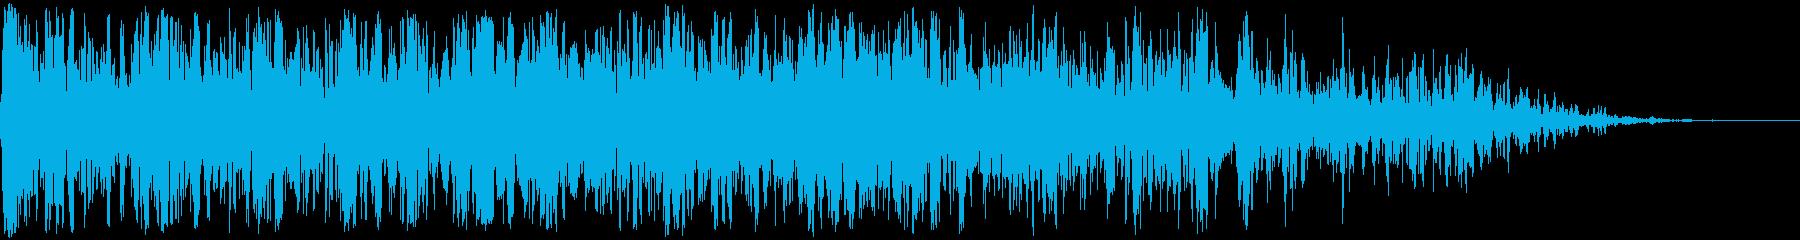 ヘビーサンダーランブル、ウェザーサ...の再生済みの波形